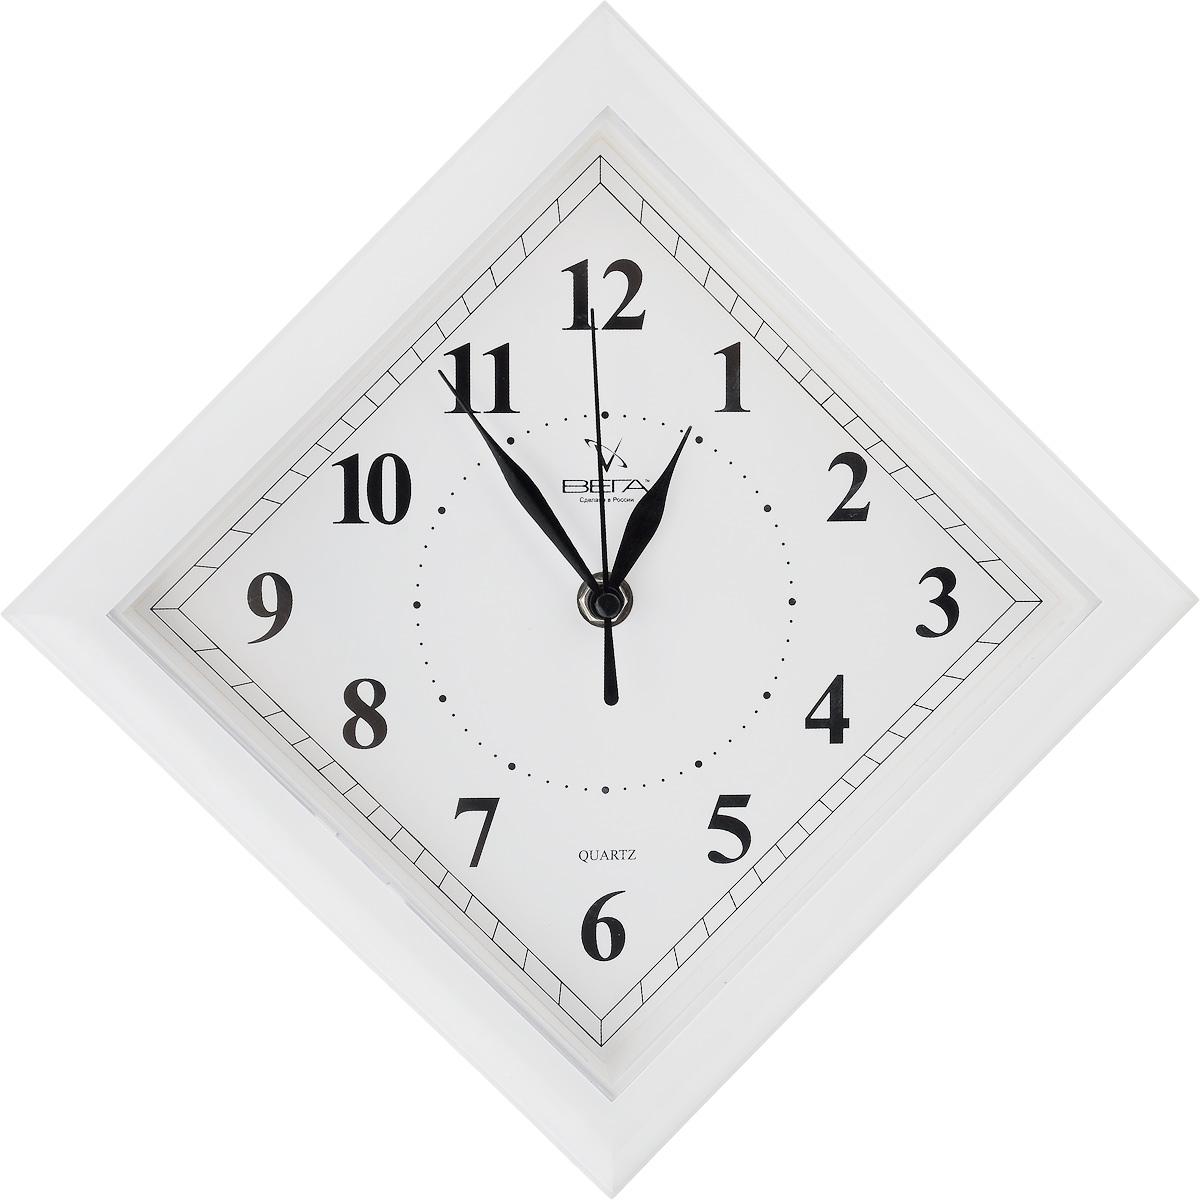 Часы настенные Вега Классика. Ромб, цвет: белый, 20,6 х 20,6 х 4 смП3-7-51Настенные кварцевые часы Вега Классика. Ромб в классическом дизайне, изготовленные из пластика, прекрасно впишутся в интерьер вашего дома. Часы имеют три стрелки: часовую, минутную и секундную, циферблат защищен прозрачным пластиком. Часы работают от 1 батарейки типа АА напряжением 1,5 В (не входит в комплект).